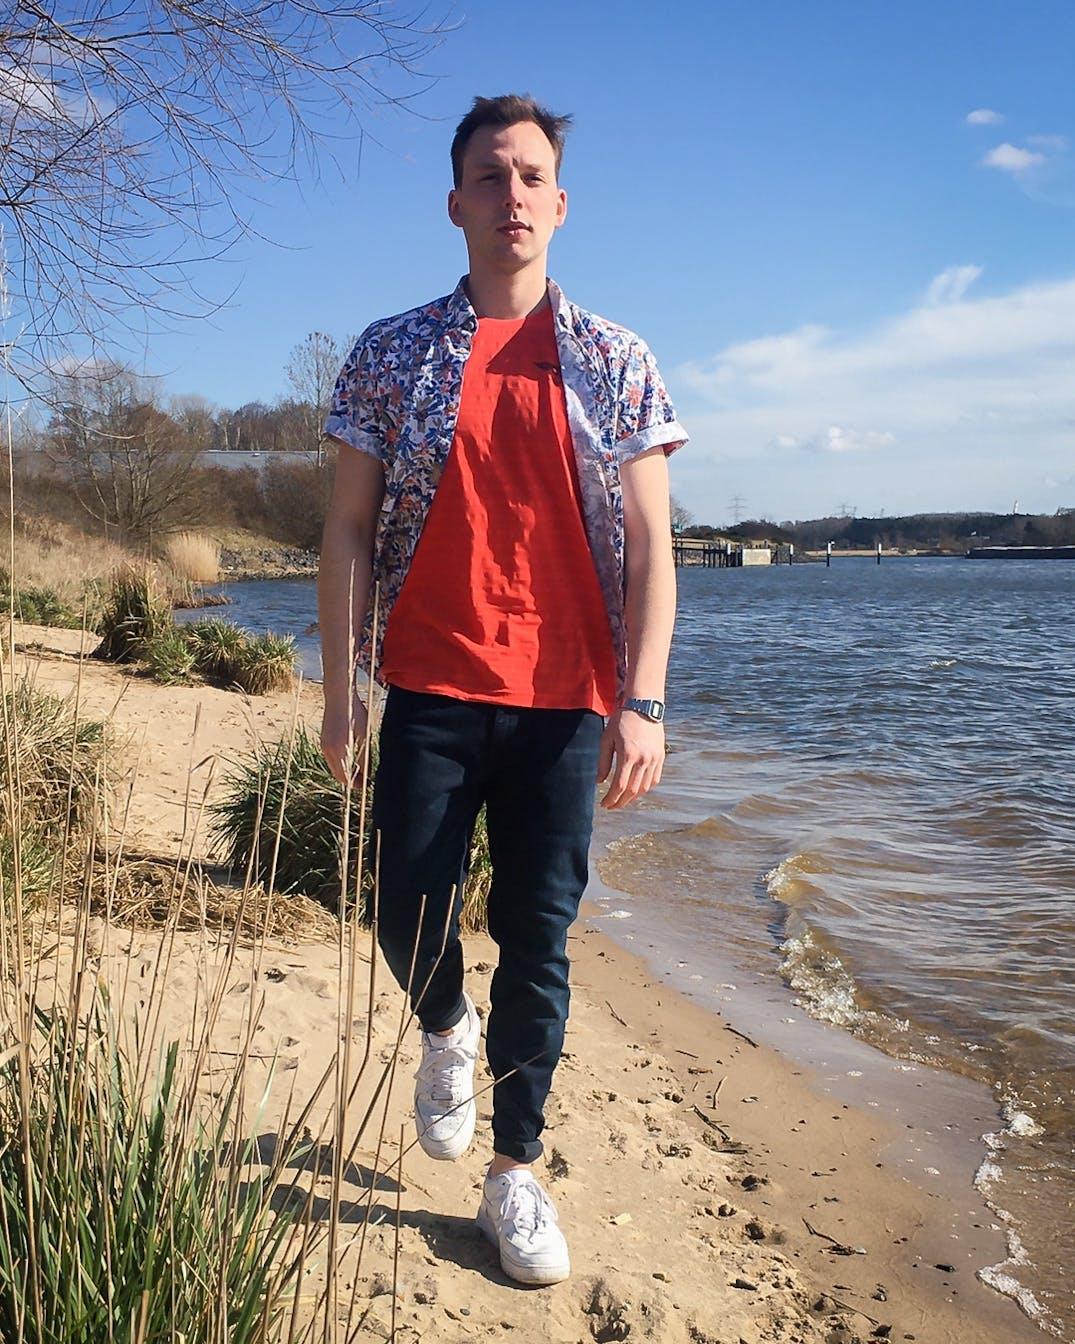 Mann geht in sommerlichem Outfit am Strand spazieren